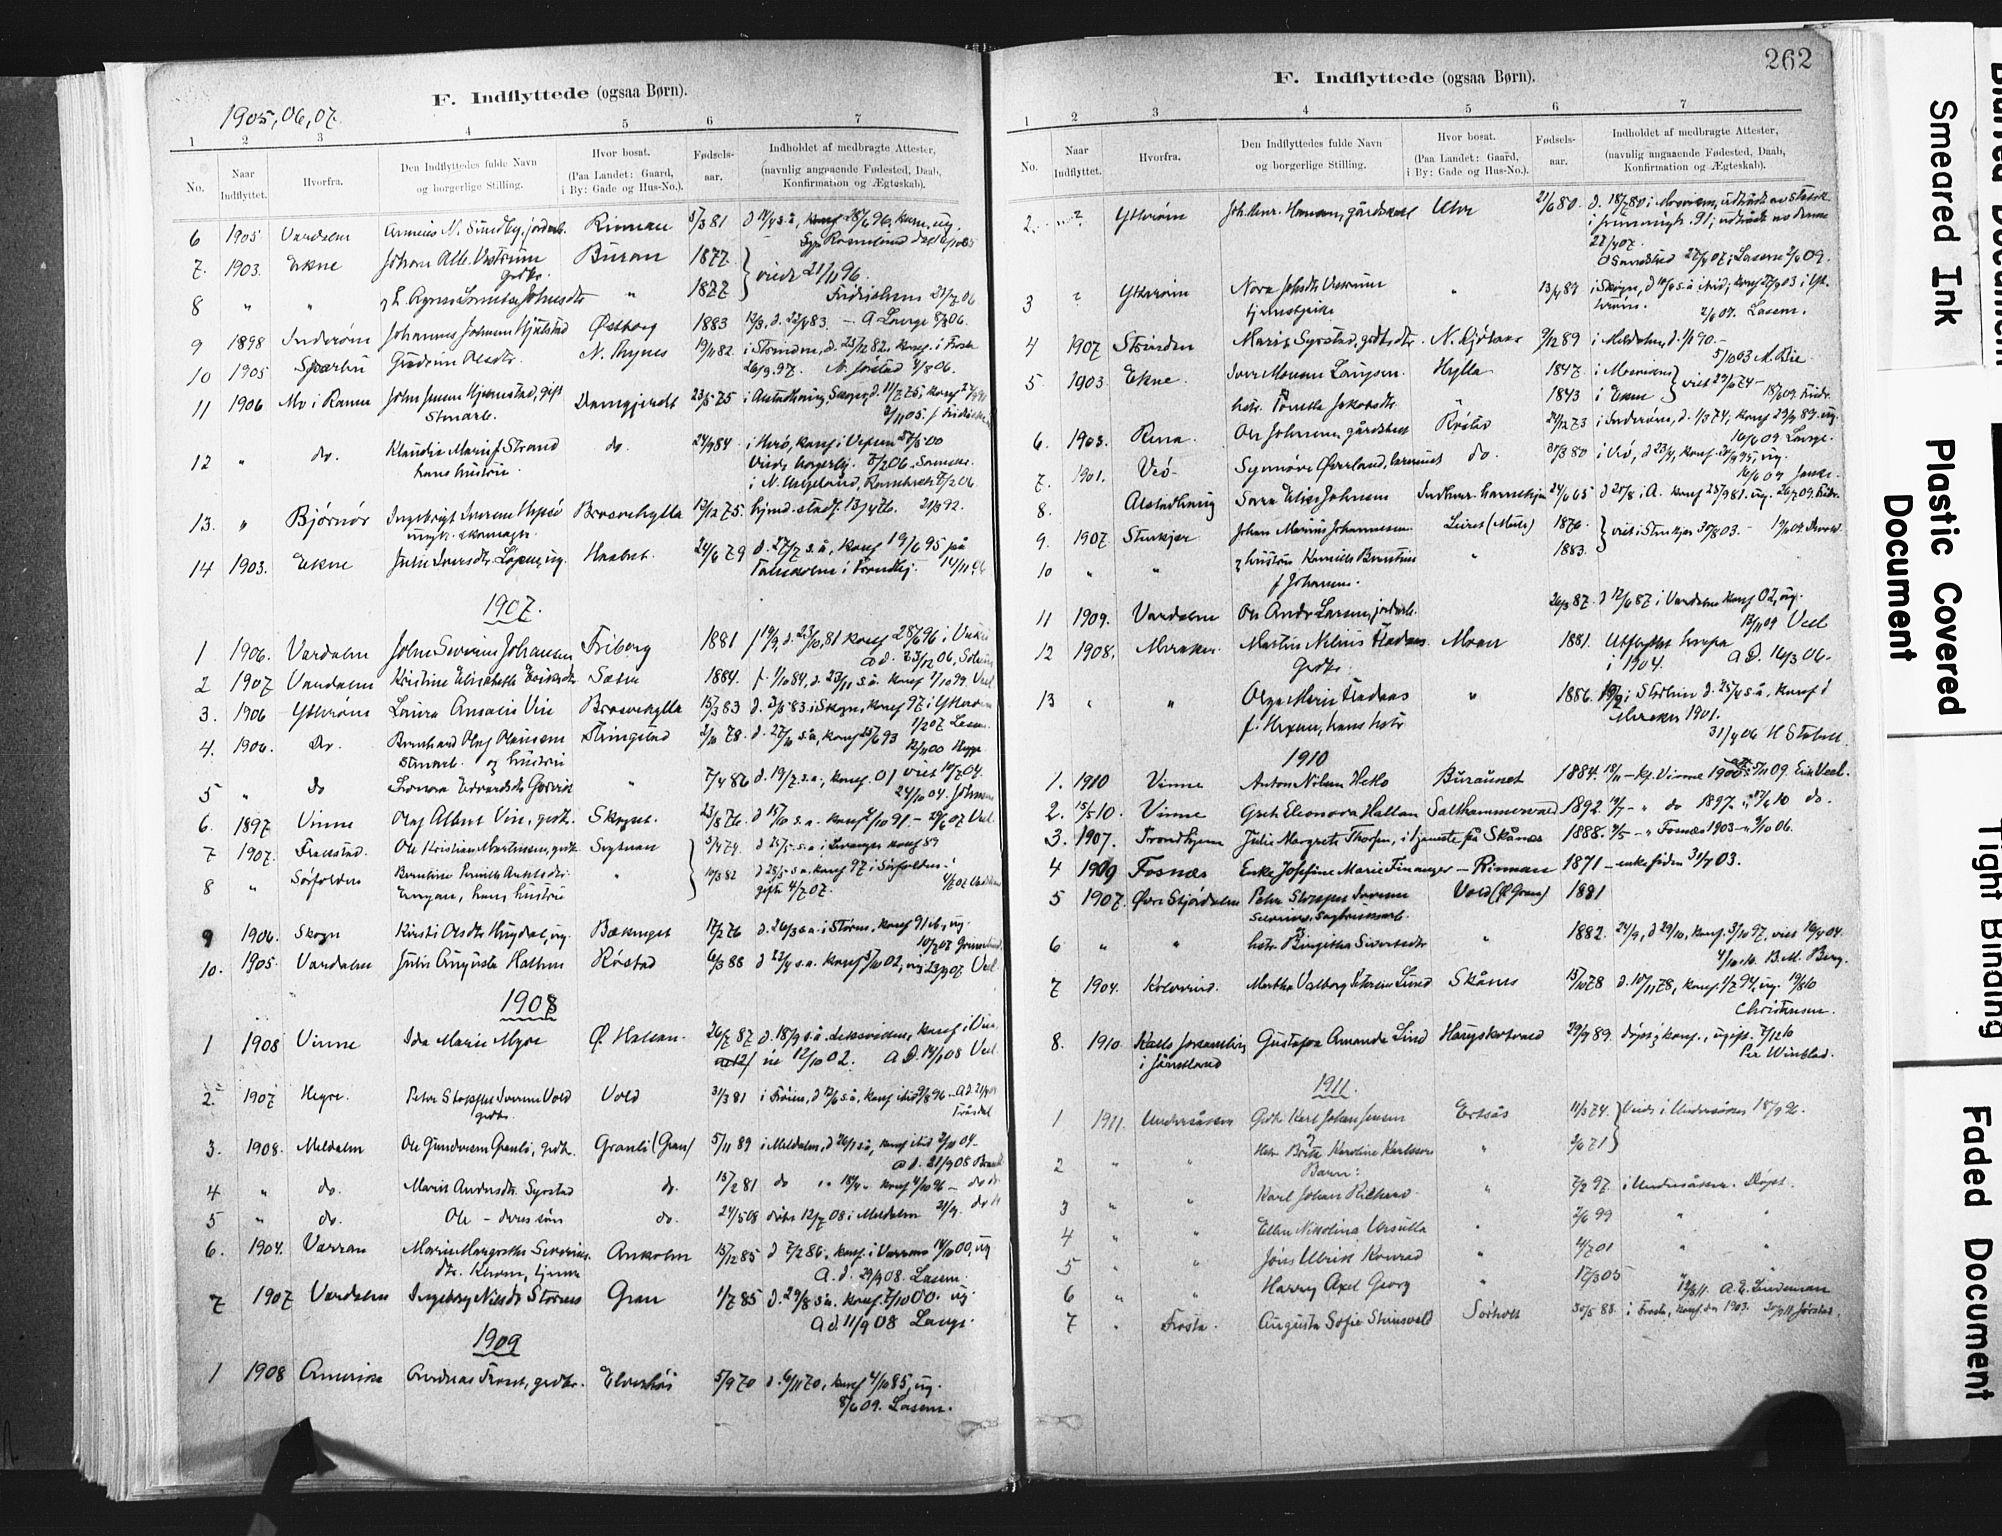 SAT, Ministerialprotokoller, klokkerbøker og fødselsregistre - Nord-Trøndelag, 721/L0207: Ministerialbok nr. 721A02, 1880-1911, s. 262